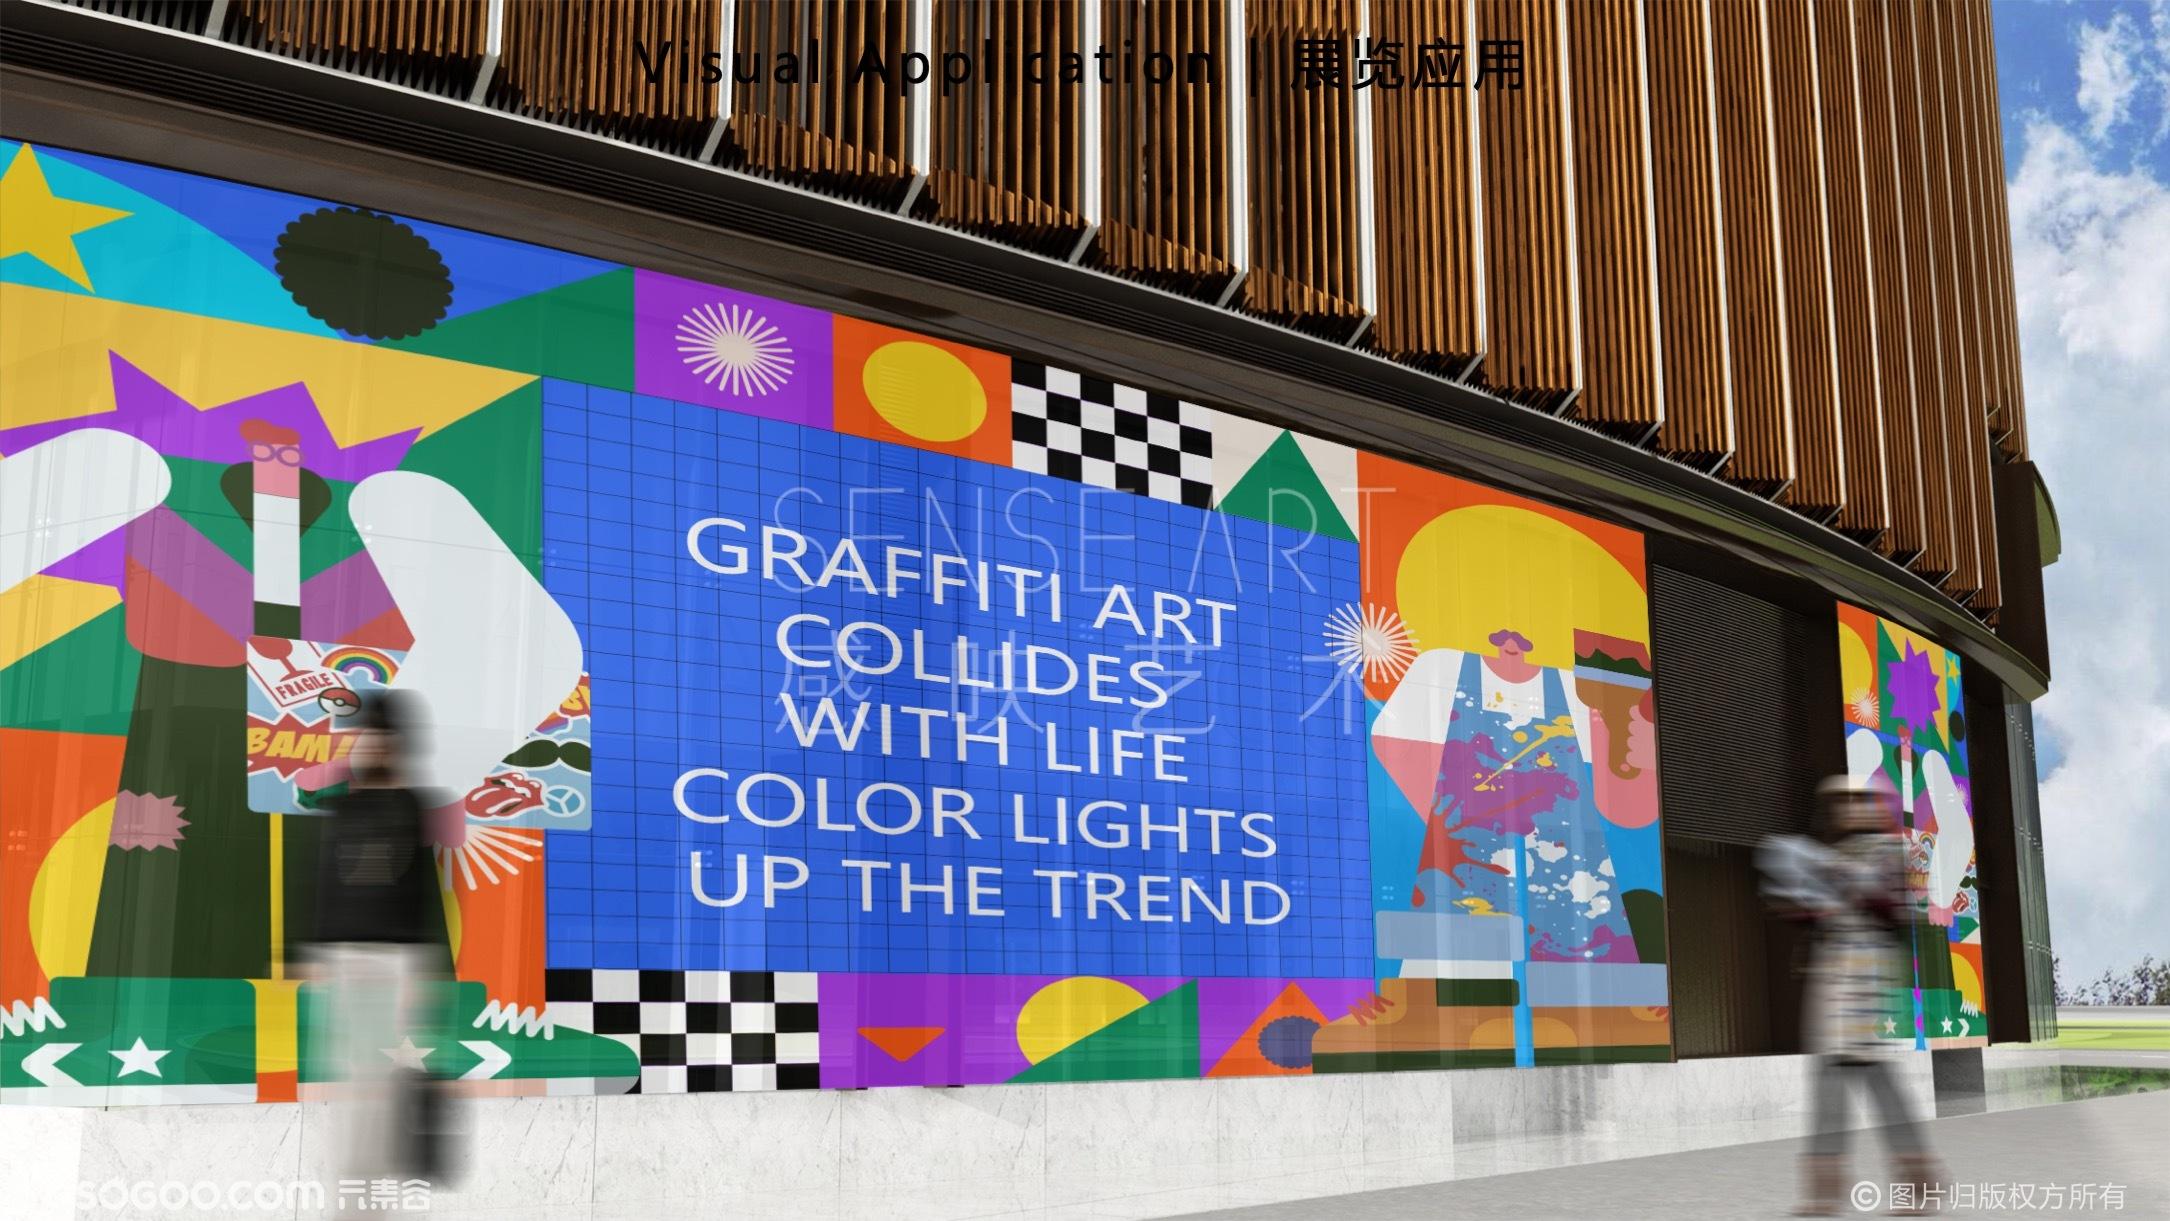 【潮玩涂鸦研究所】菲律宾潮流艺术插画艺术家主题IP美陈装置展